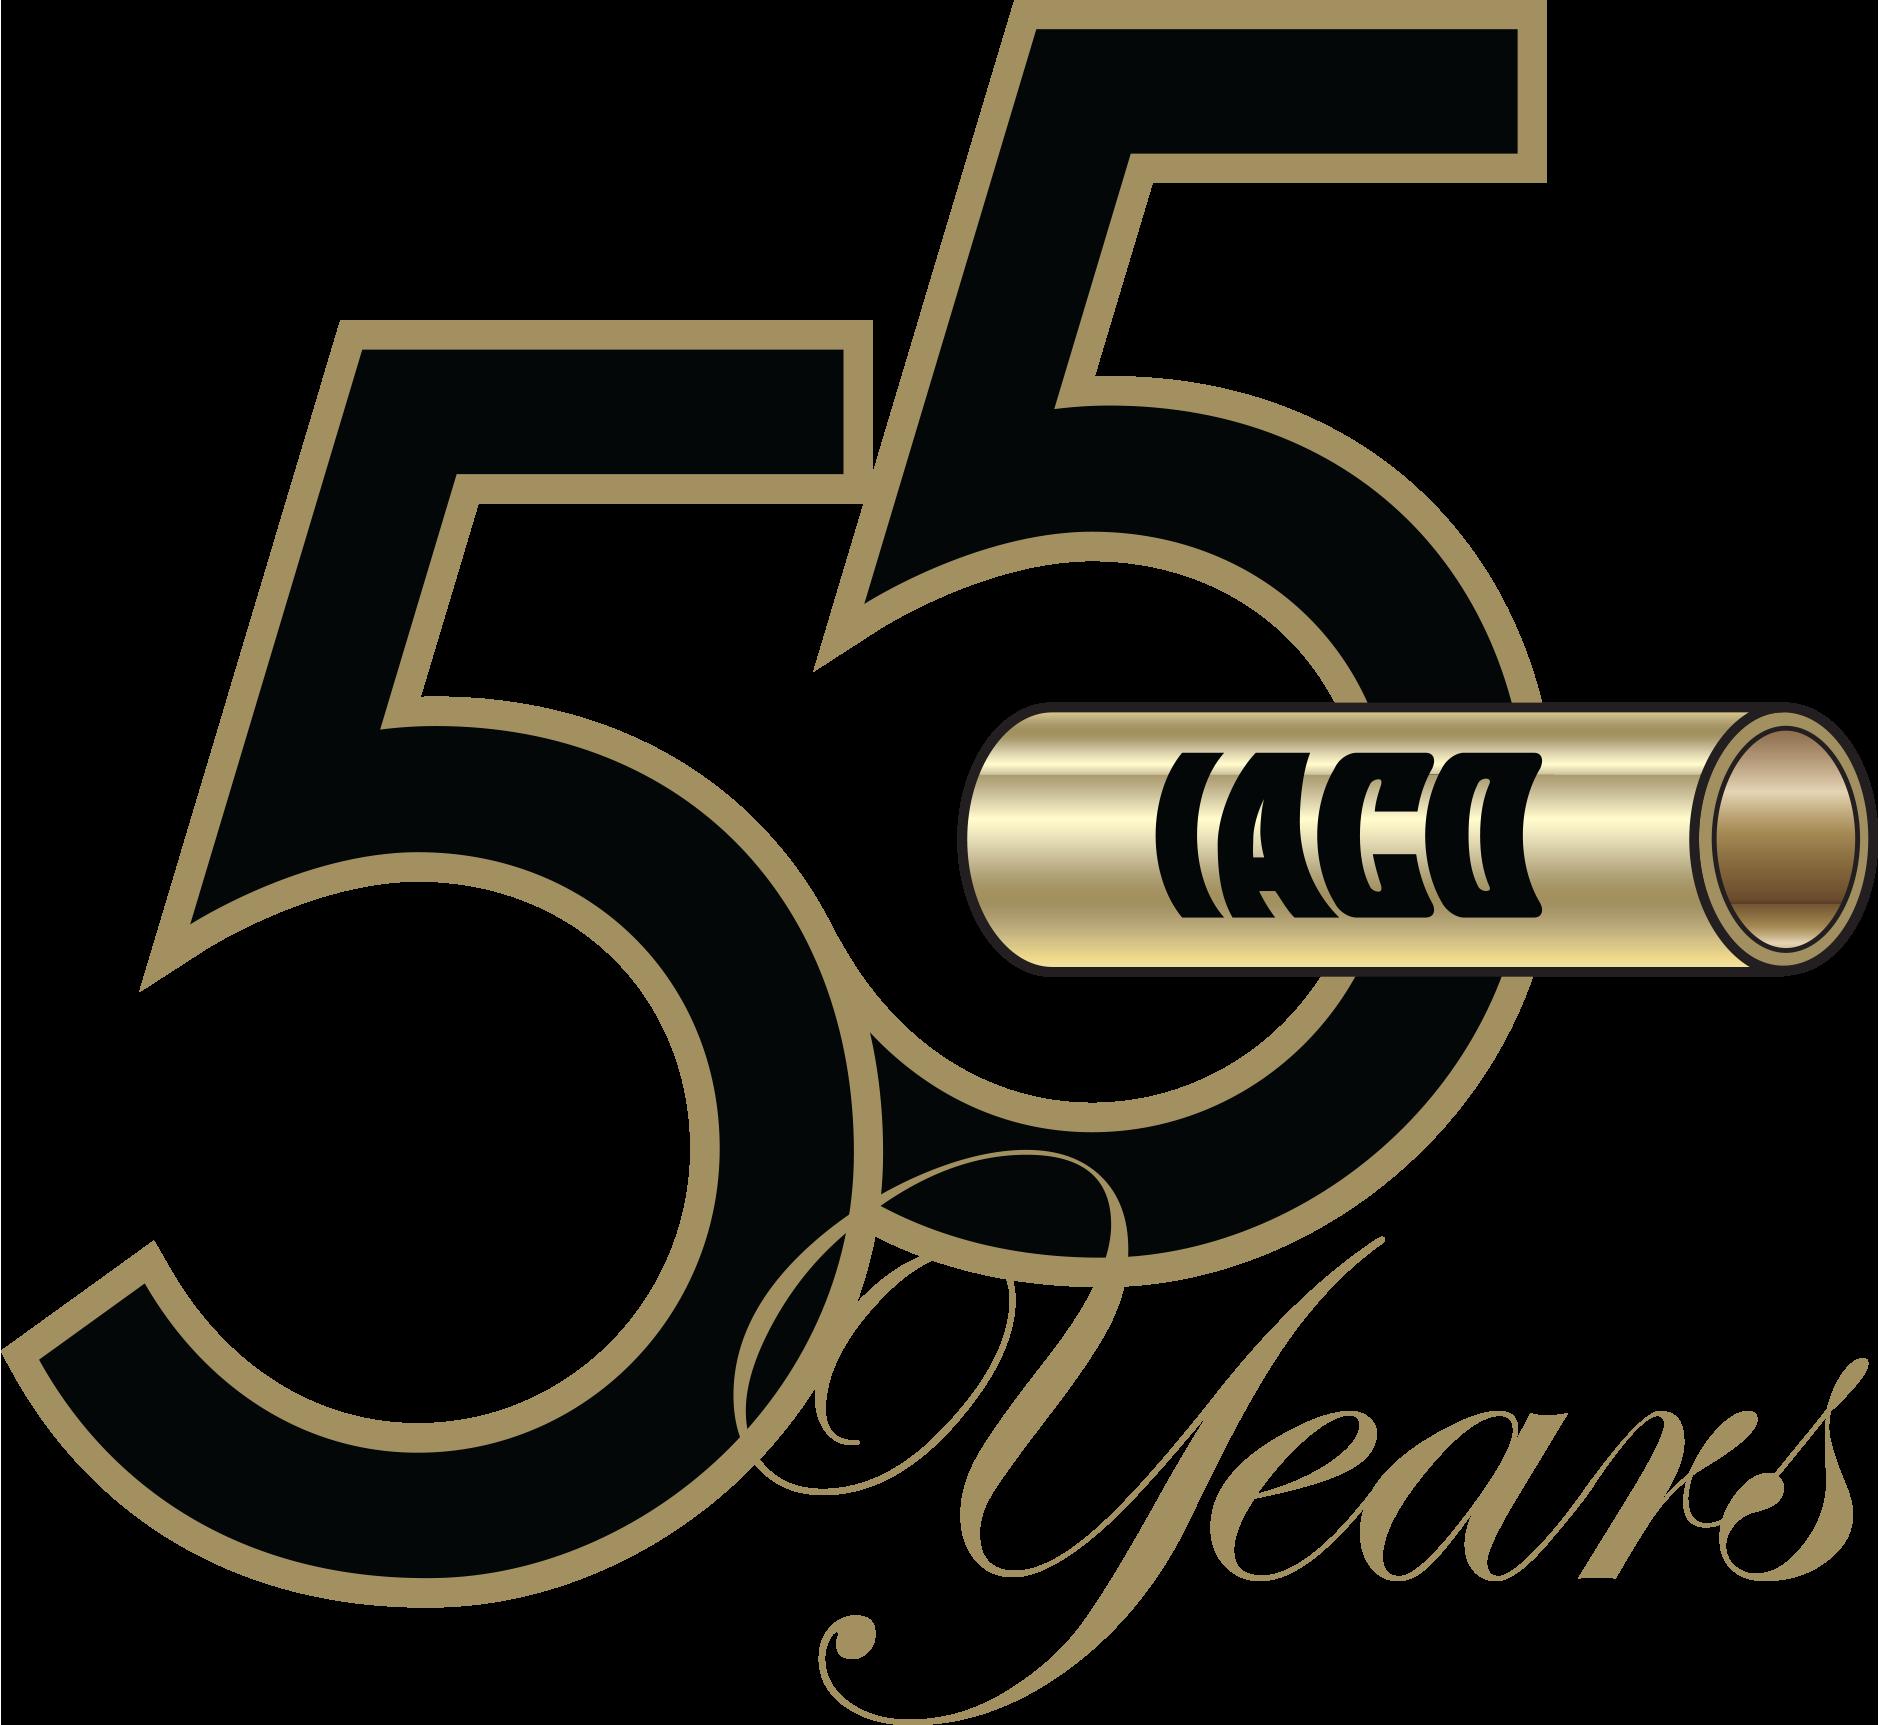 IACO 50 Years